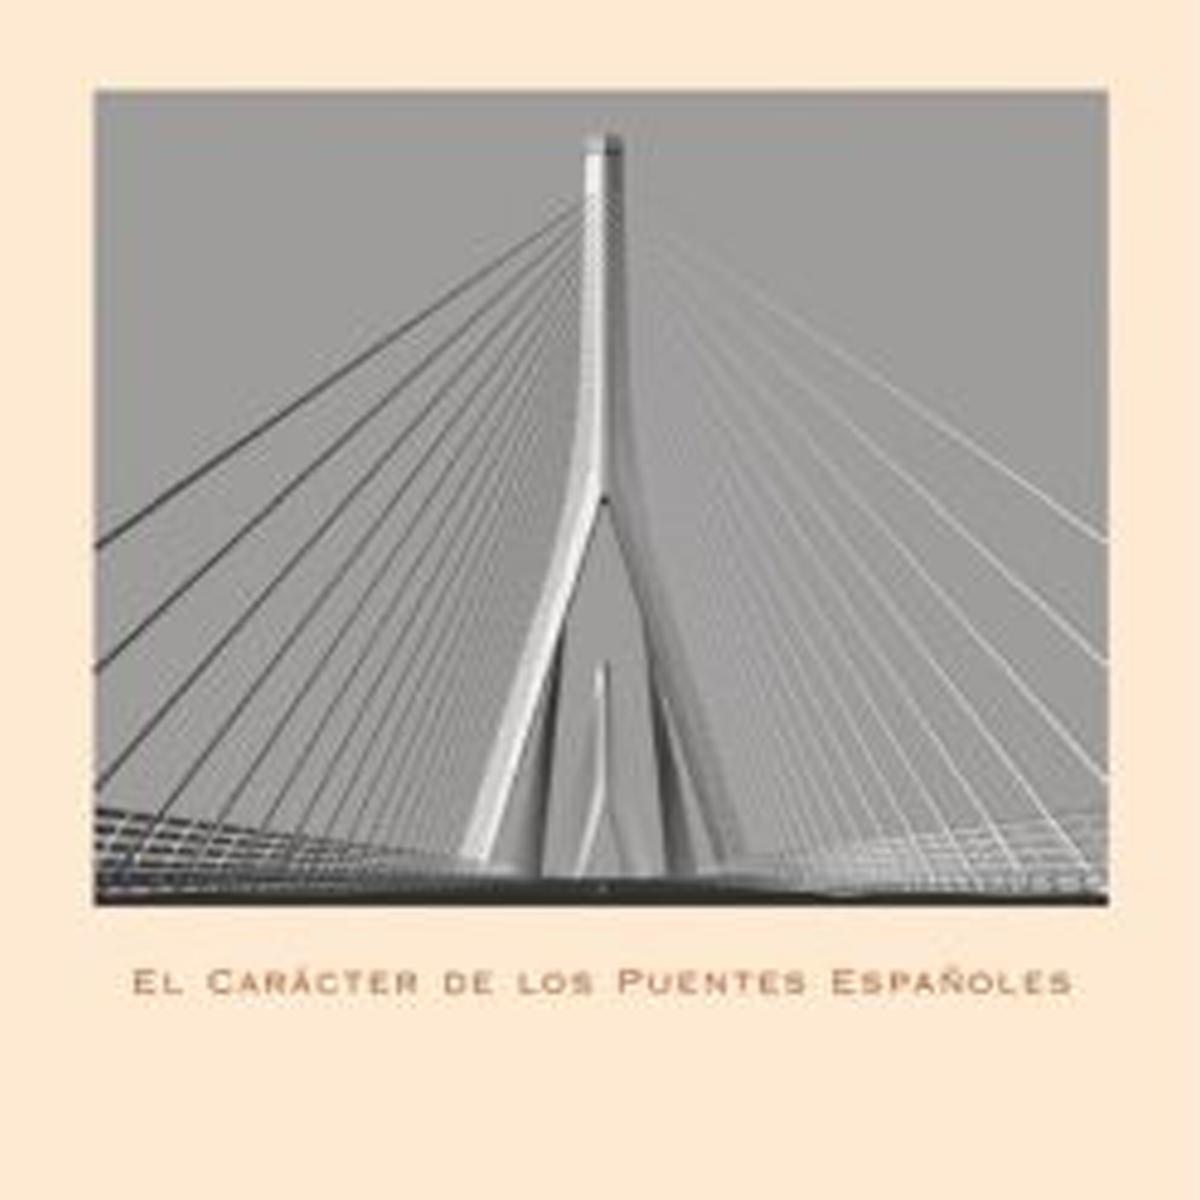 El carácter de los puentes españoles